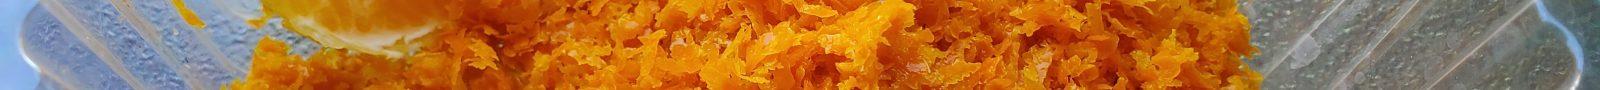 Orange zest for Orange County Common